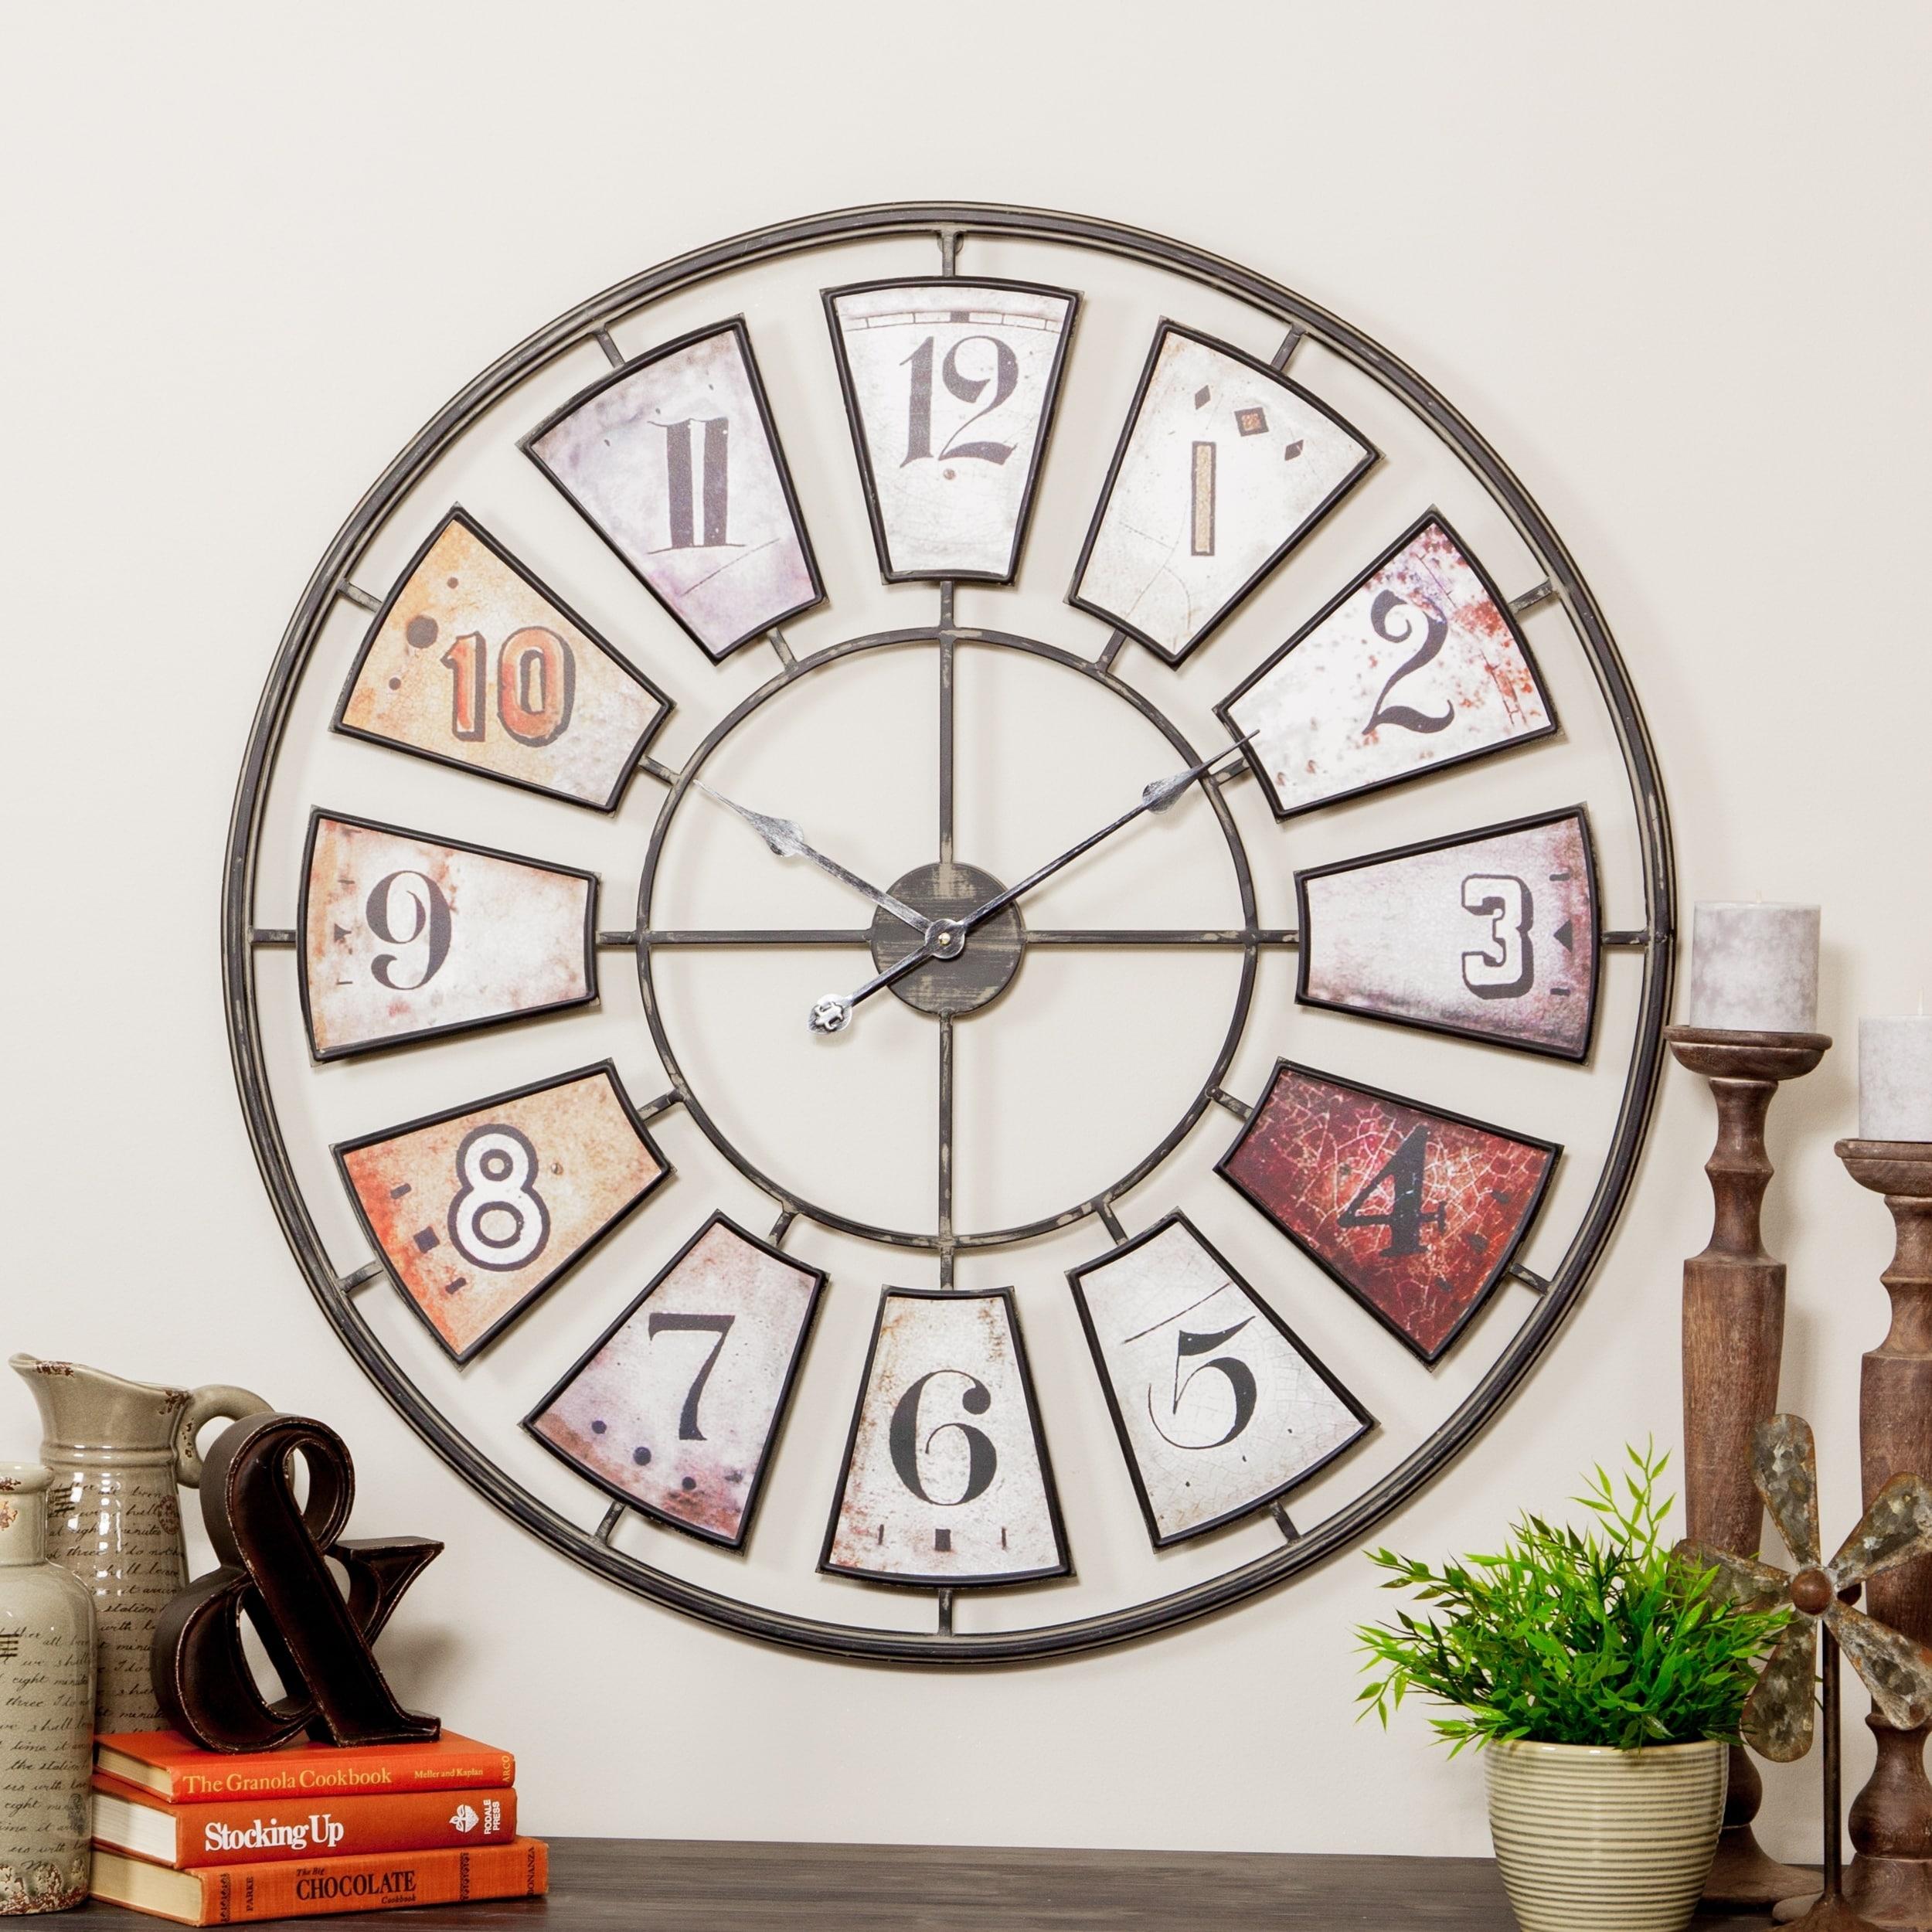 Morgan Large Wall Clock Free Shipping Today 16303929